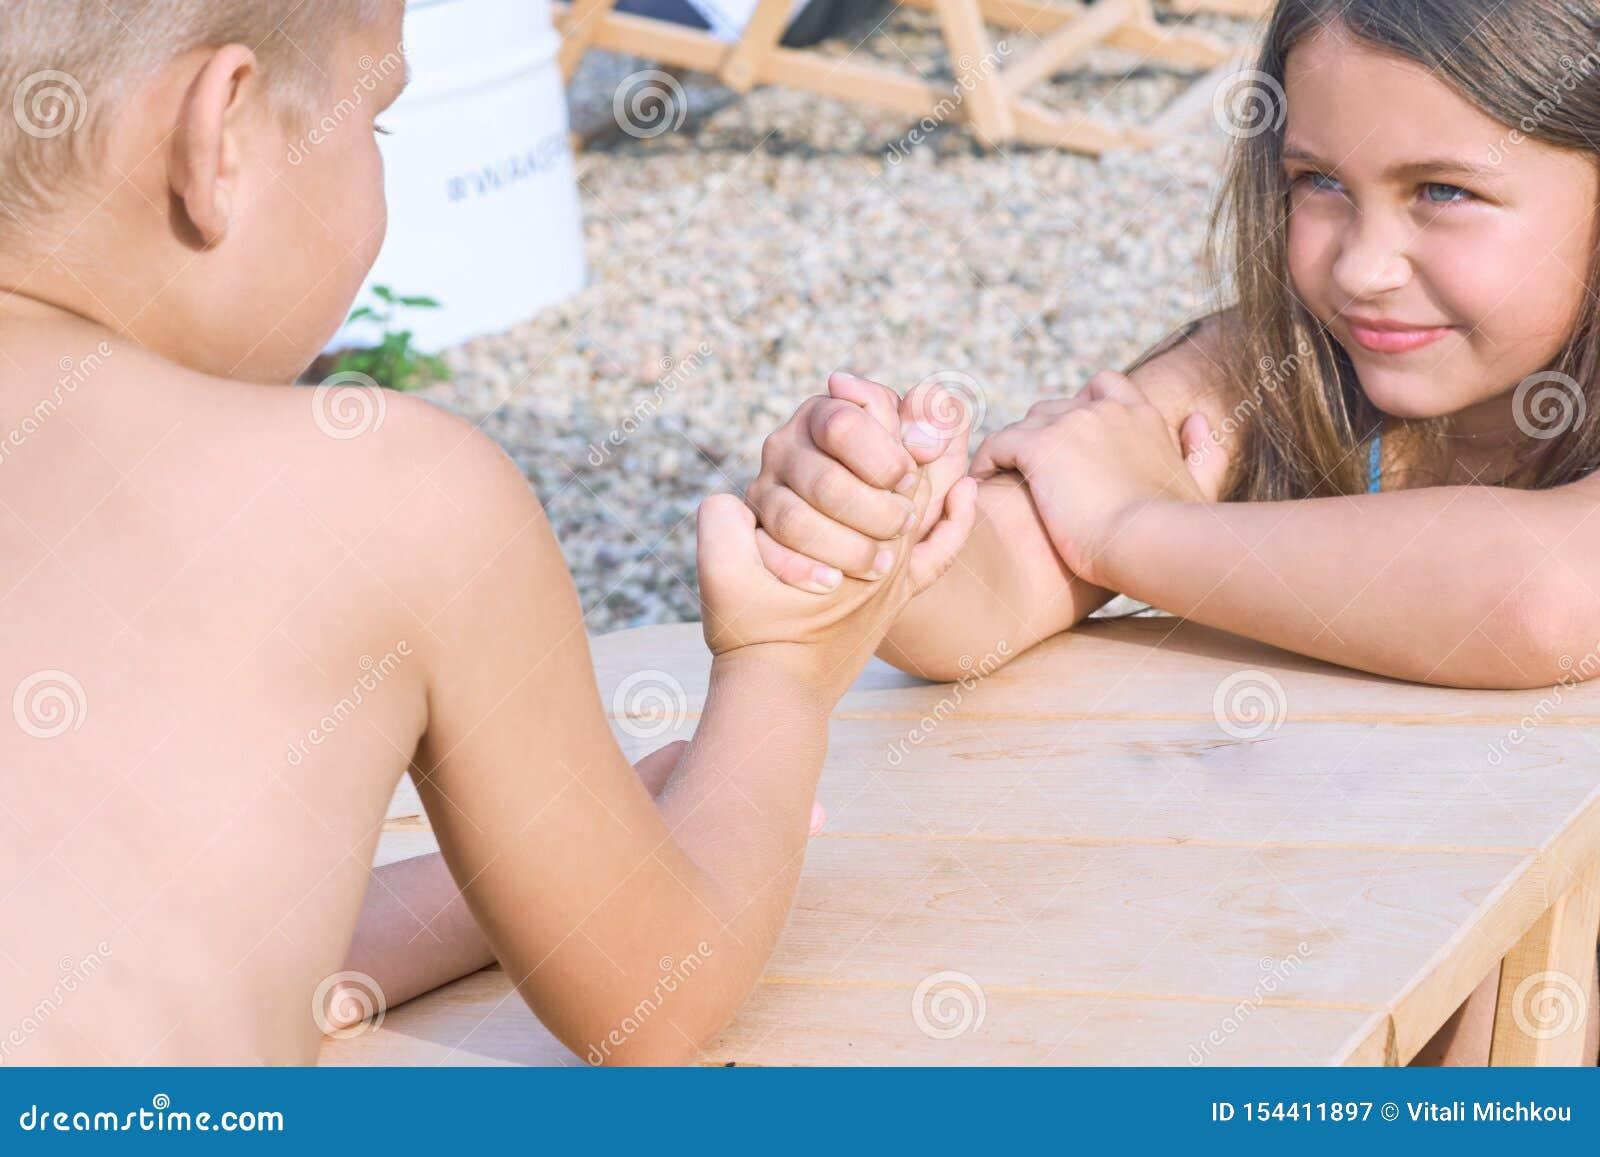 坐在桌上的小男孩和女孩在夏天海滩和武器角力 滑稽的比赛暑假